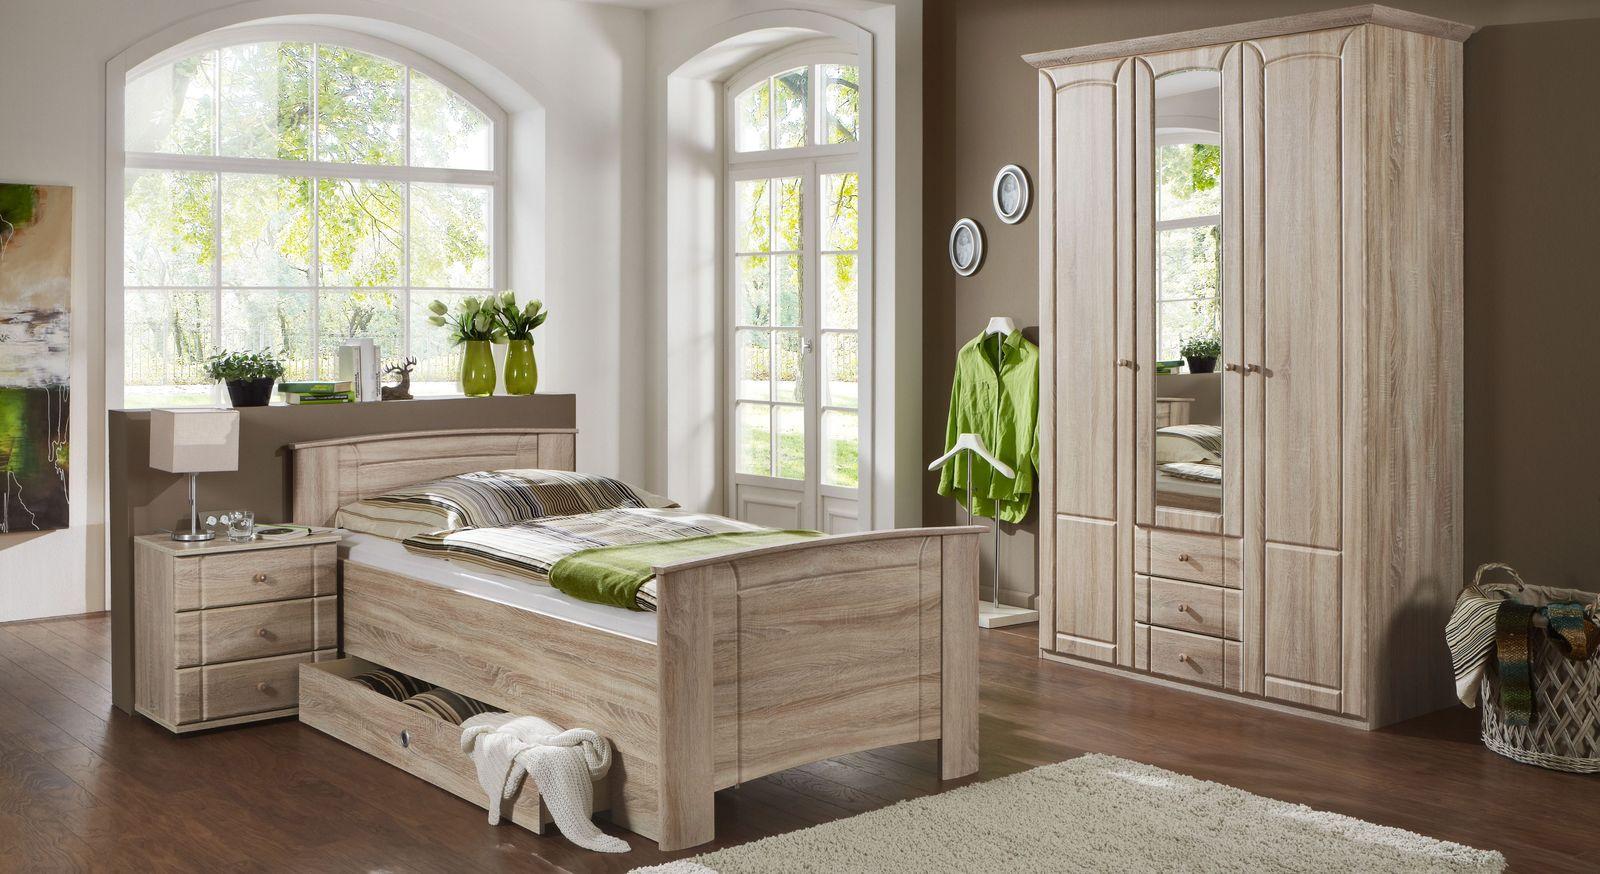 Preiswertes Komplett Schlafzimmer Carpina Fur Senioren Geeignet